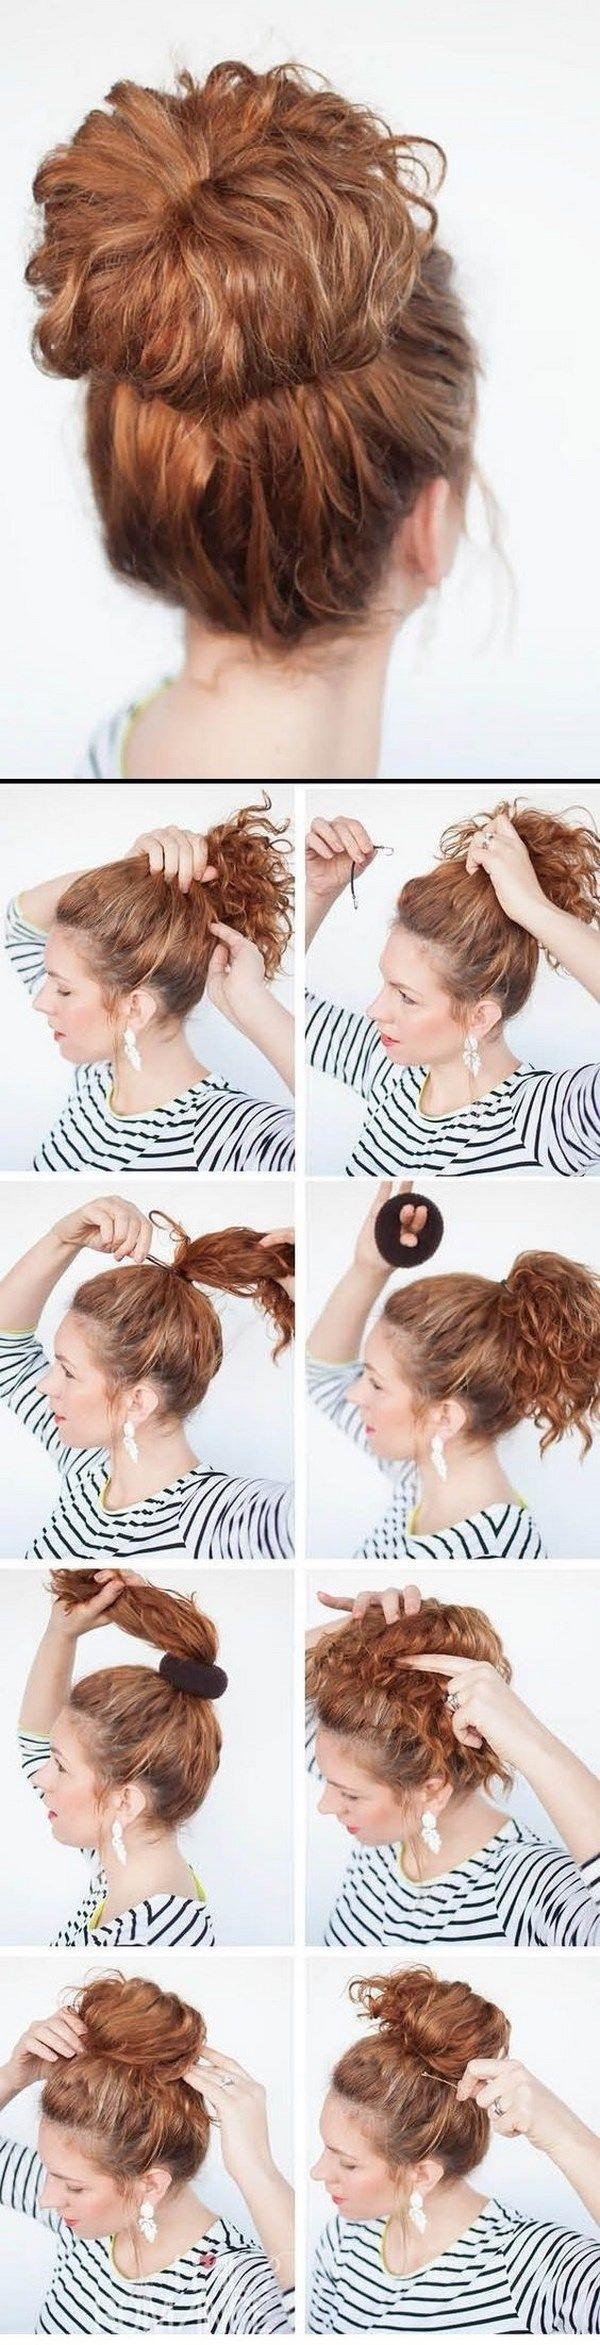 32 Peinados Fáciles Y Rápidos Paso A Paso Modelos 2018 I